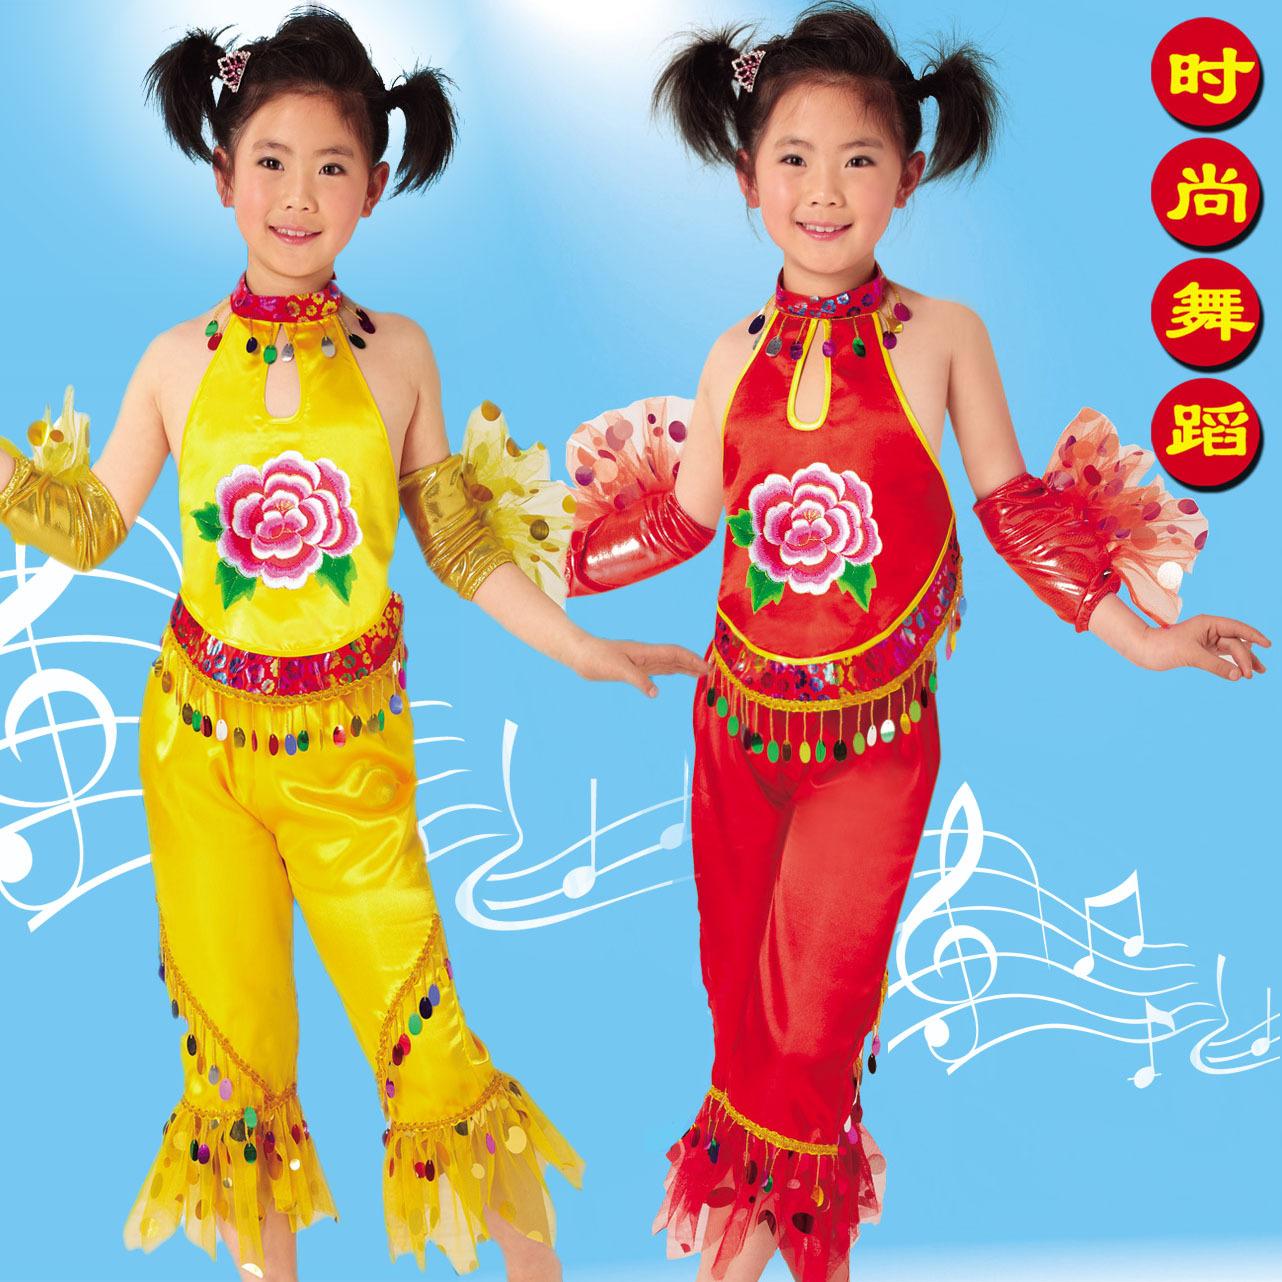 儿童肚兜 幼儿民族演出服 女童舞台装 少数民族舞蹈服装 民族服饰